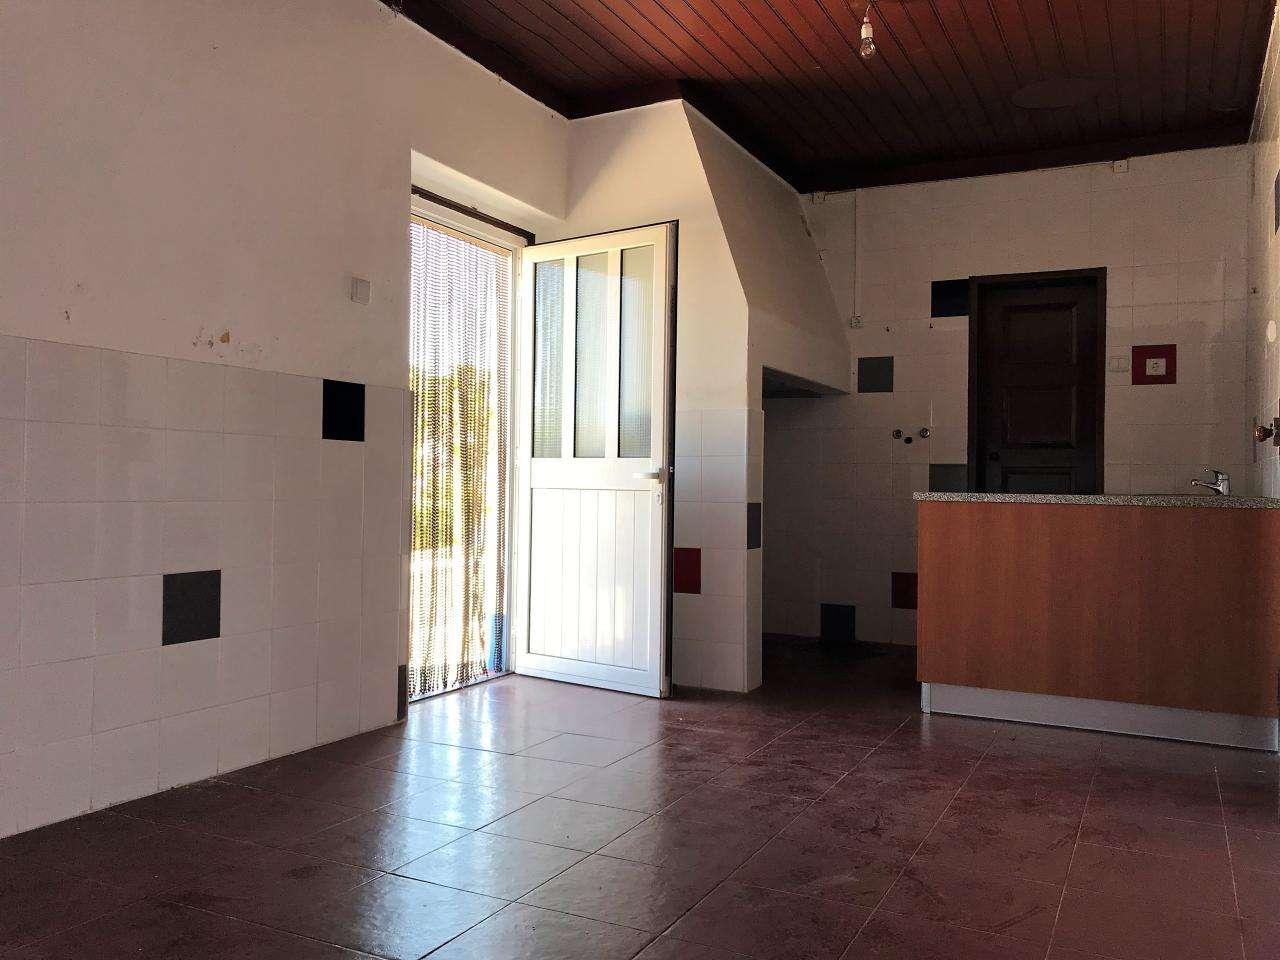 Quintas e herdades para comprar, Cortiçadas de Lavre e Lavre, Montemor-o-Novo, Évora - Foto 19